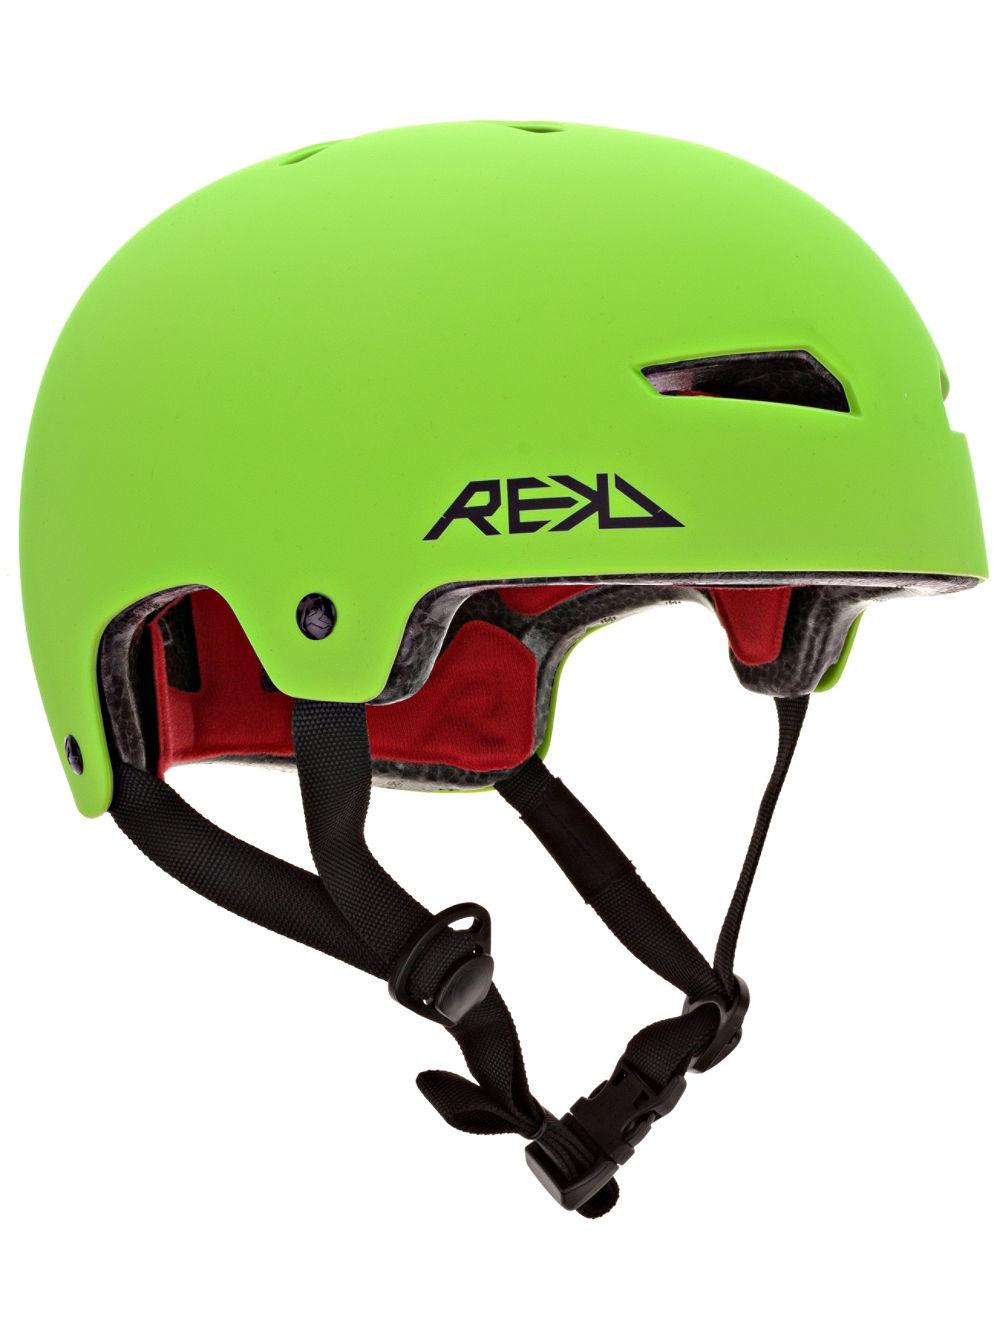 rekd-elite-helmet